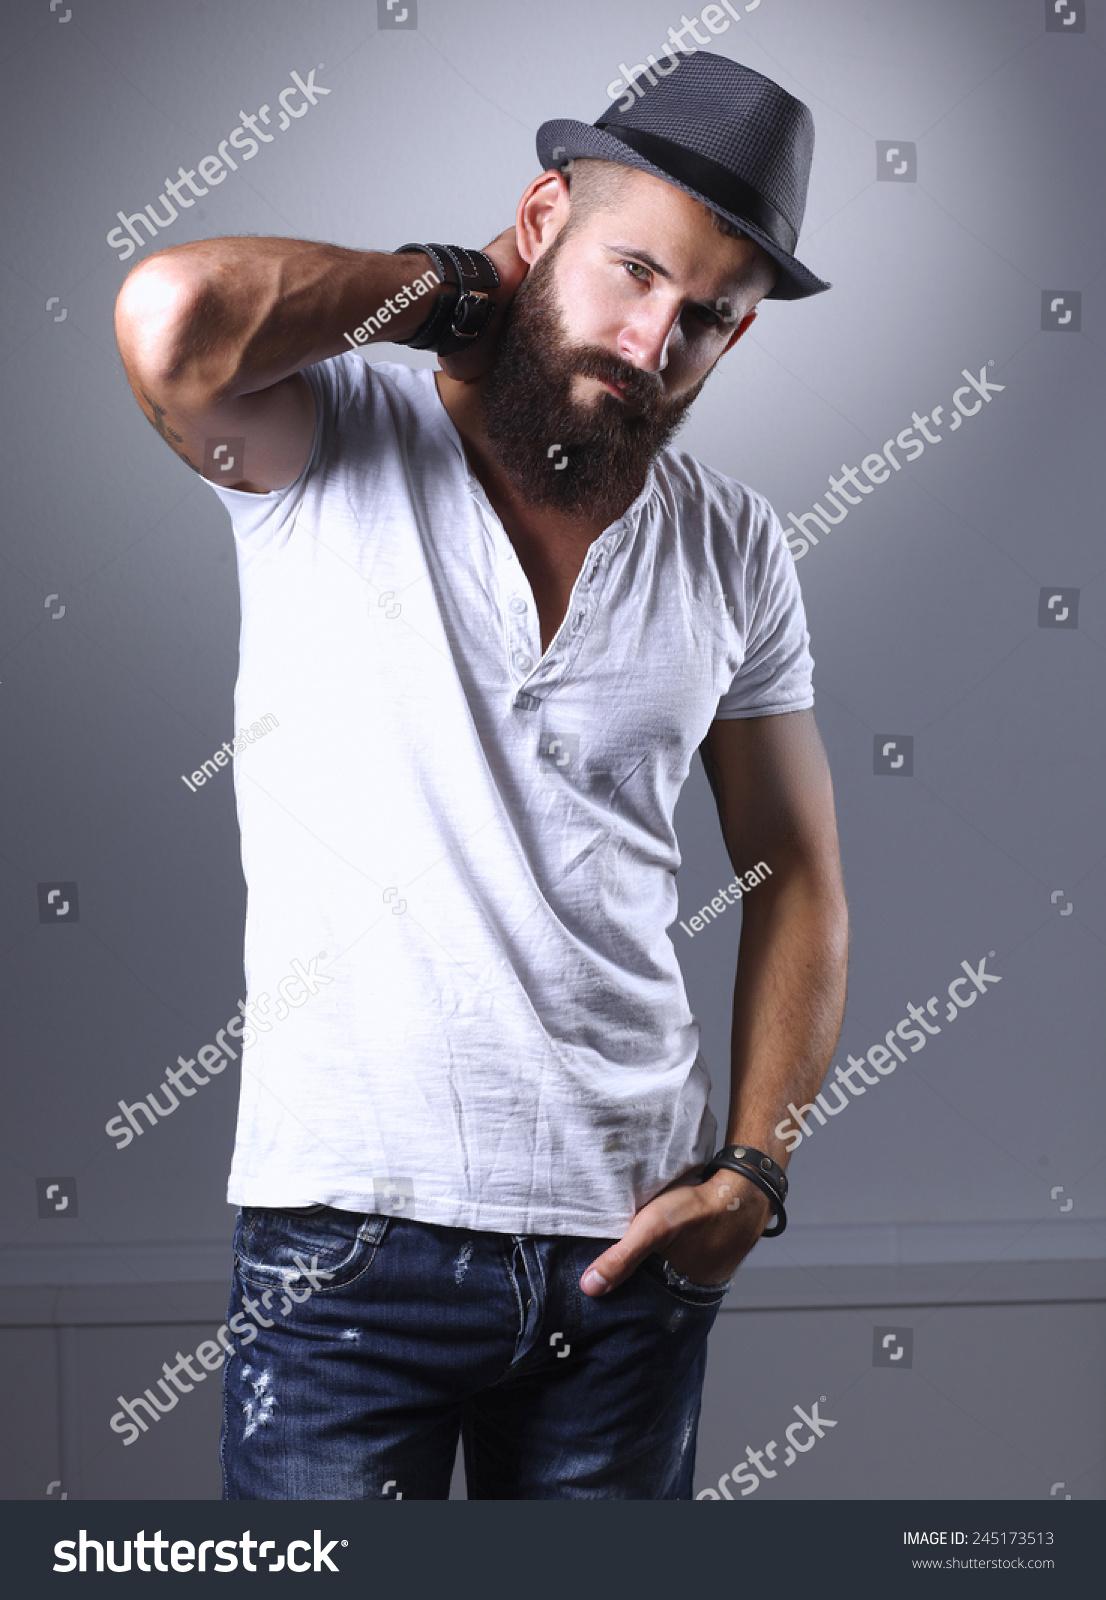 成熟中年男士背影头像微信照片